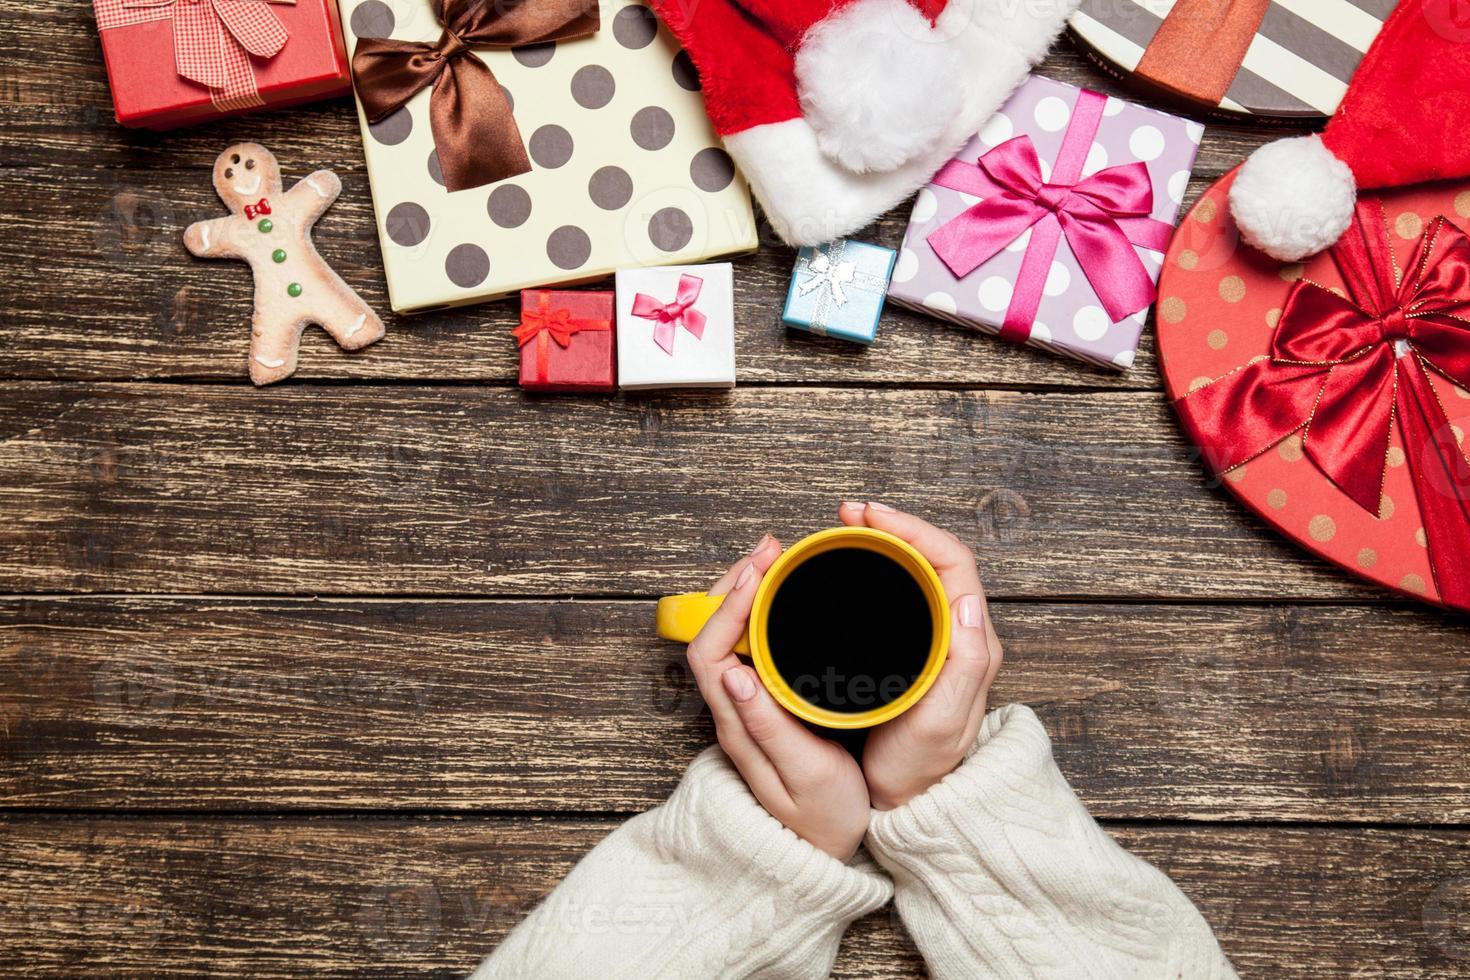 vrouwelijke bedrijf kopje koffie foto